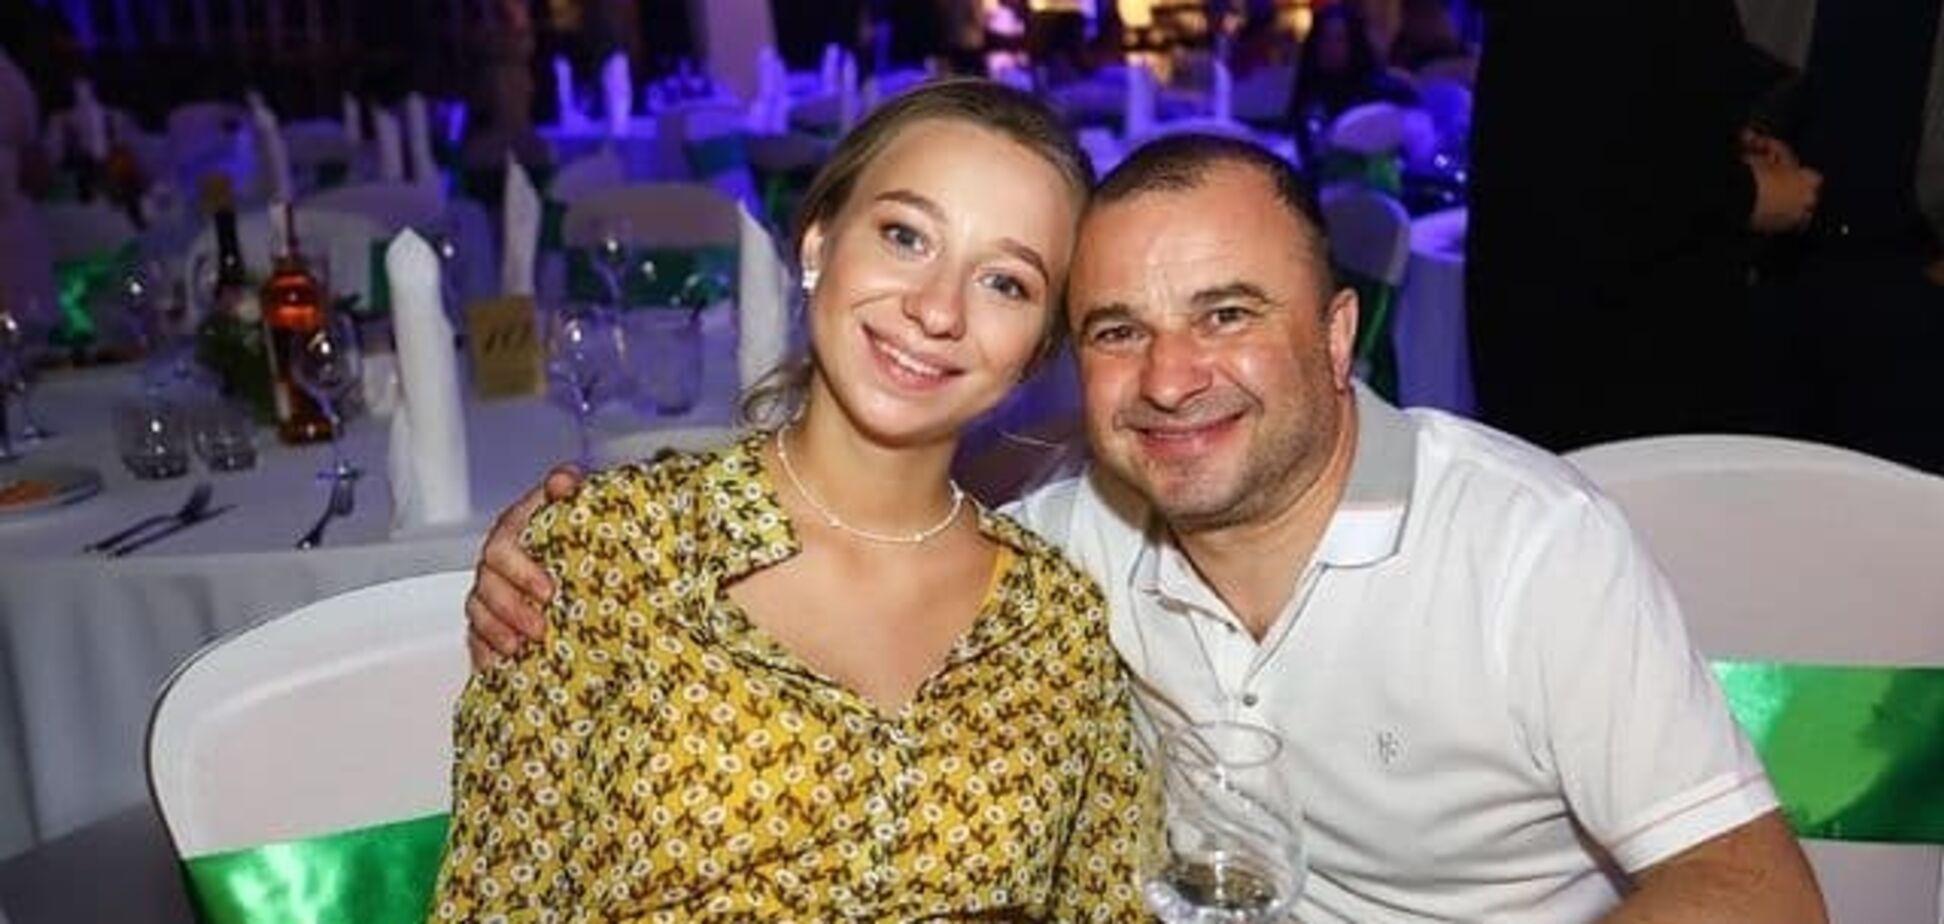 Віктор Павлік зі своєю дружиною Катериною